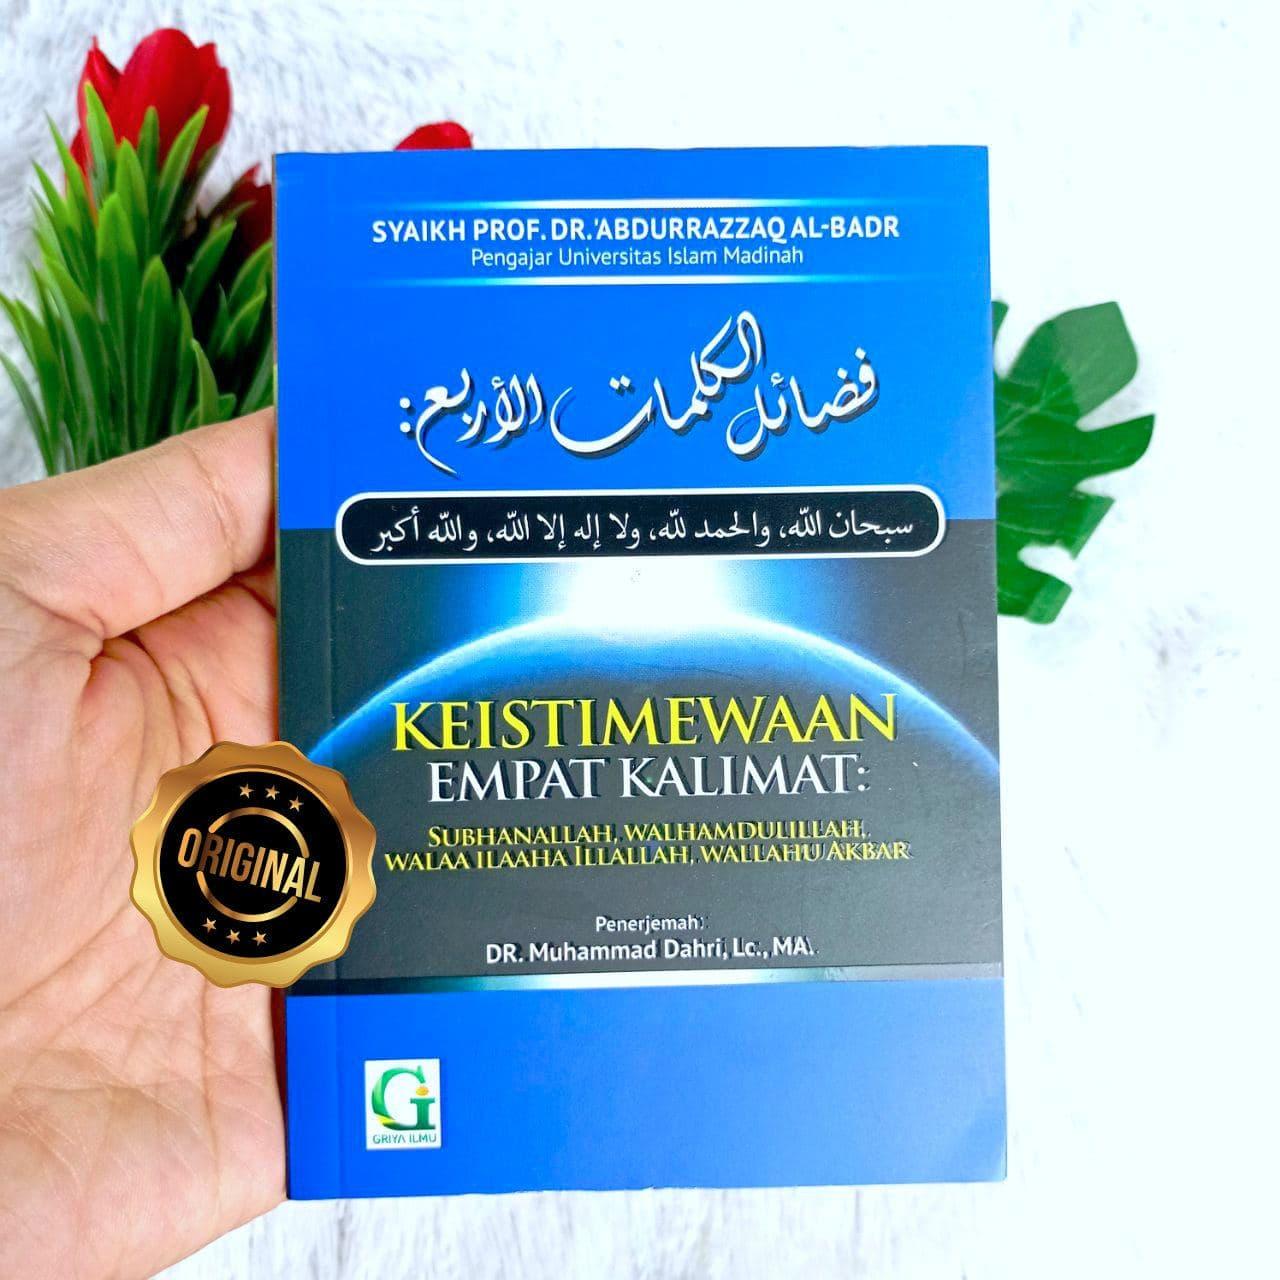 Buku Saku Keistimewaaan Empat Kalimat Agung Nan Mulia Cover